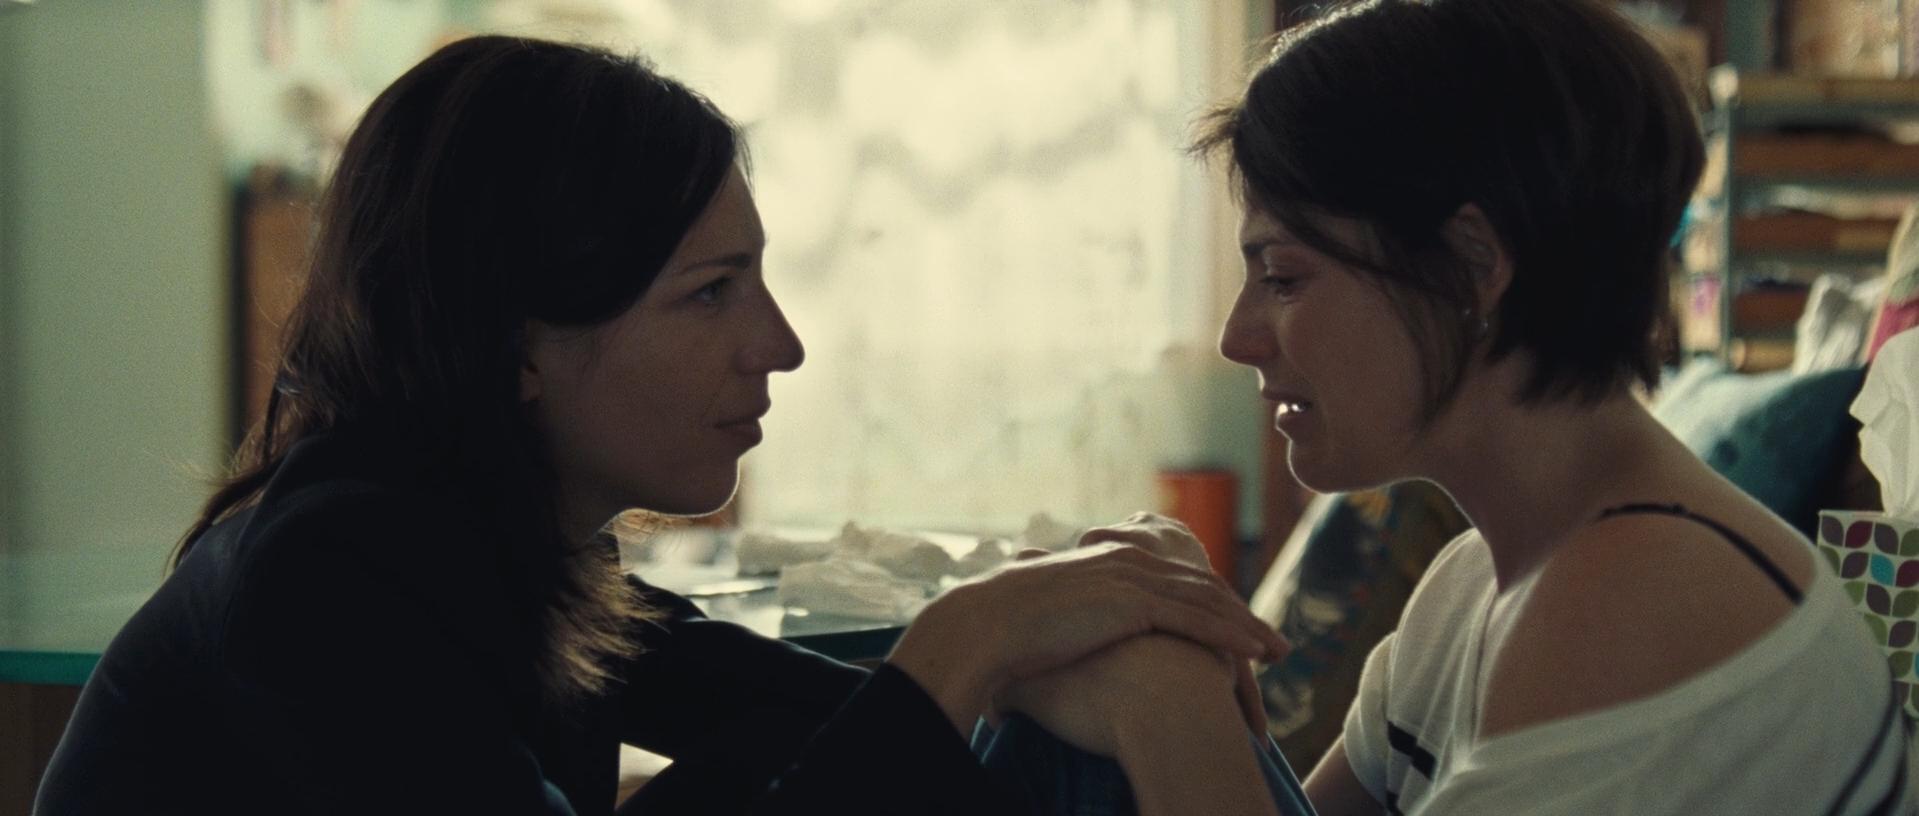 Hélène Florent and Evelyne de la Chenelière in Café de Flore (2011)